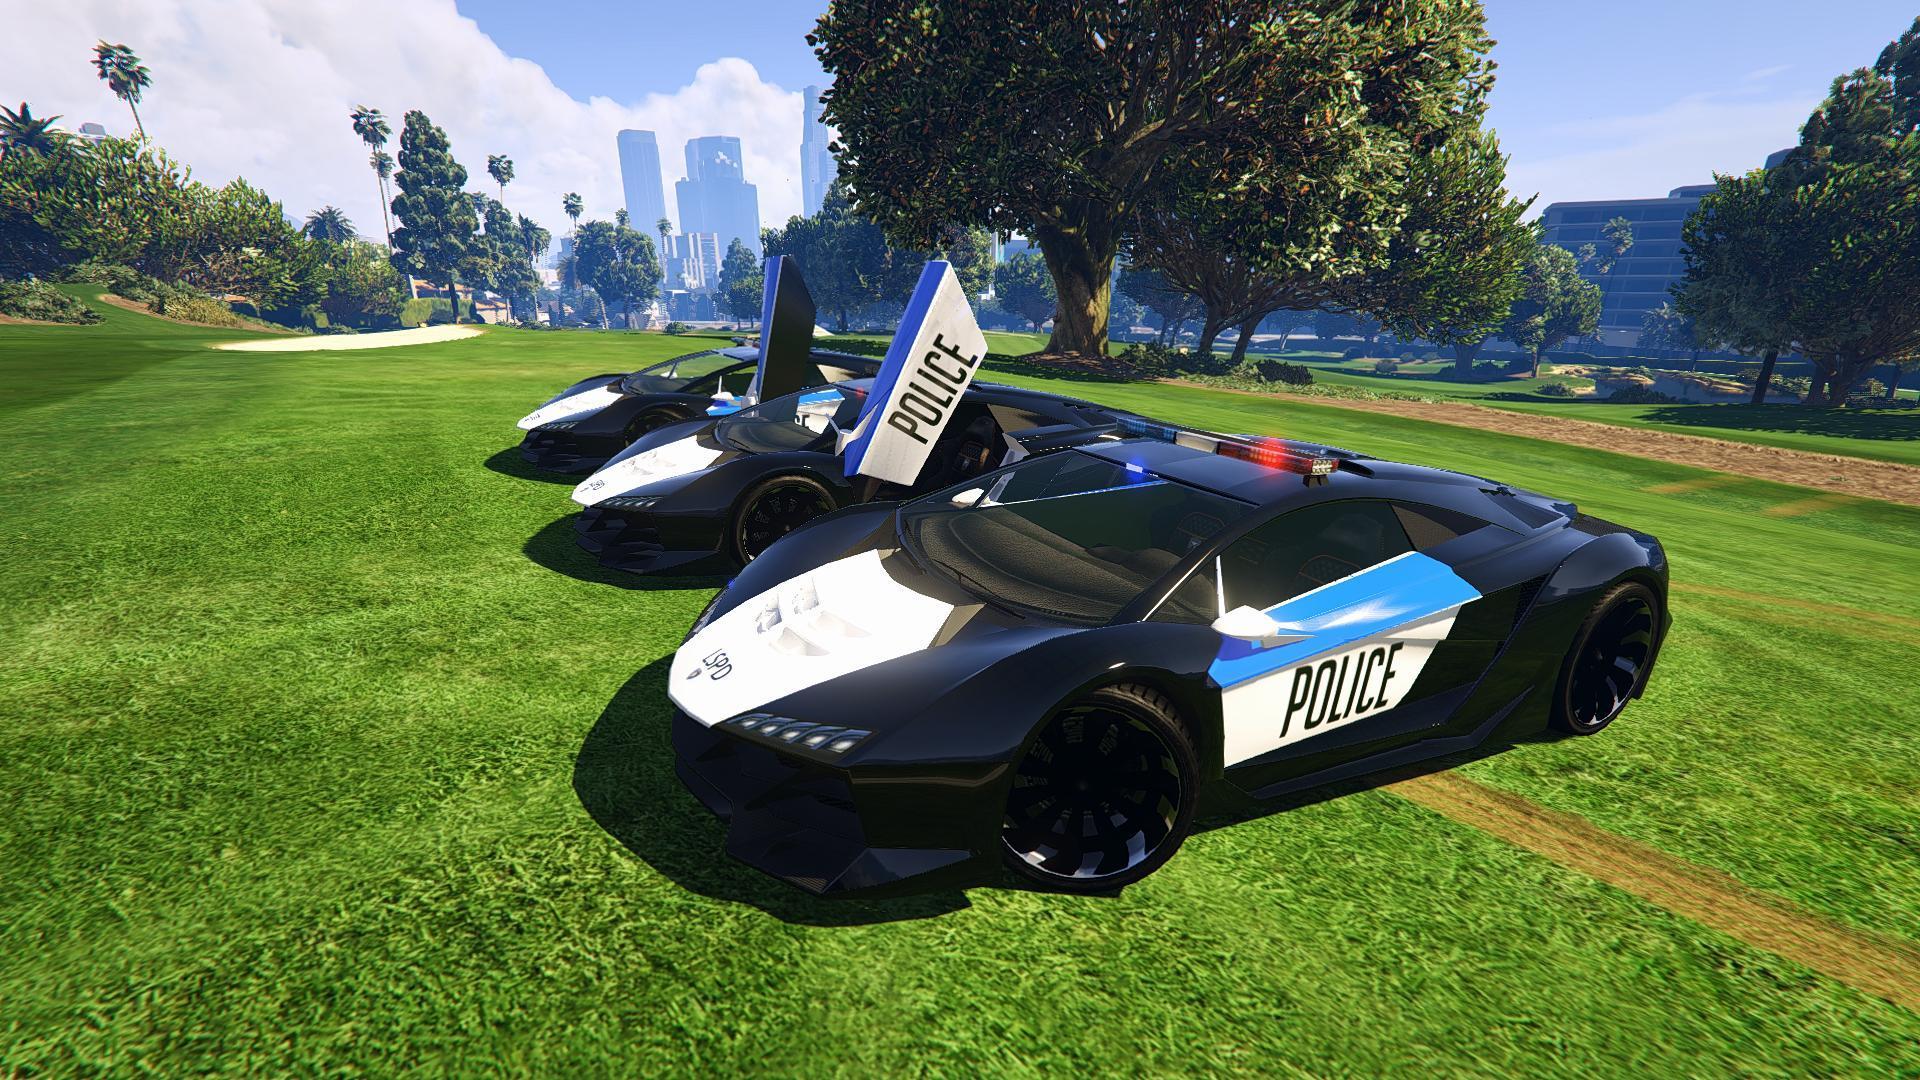 Police Cop Car Live Wallpaper Lamborghini Police Zentorno Lspd Gta5 Mods Com